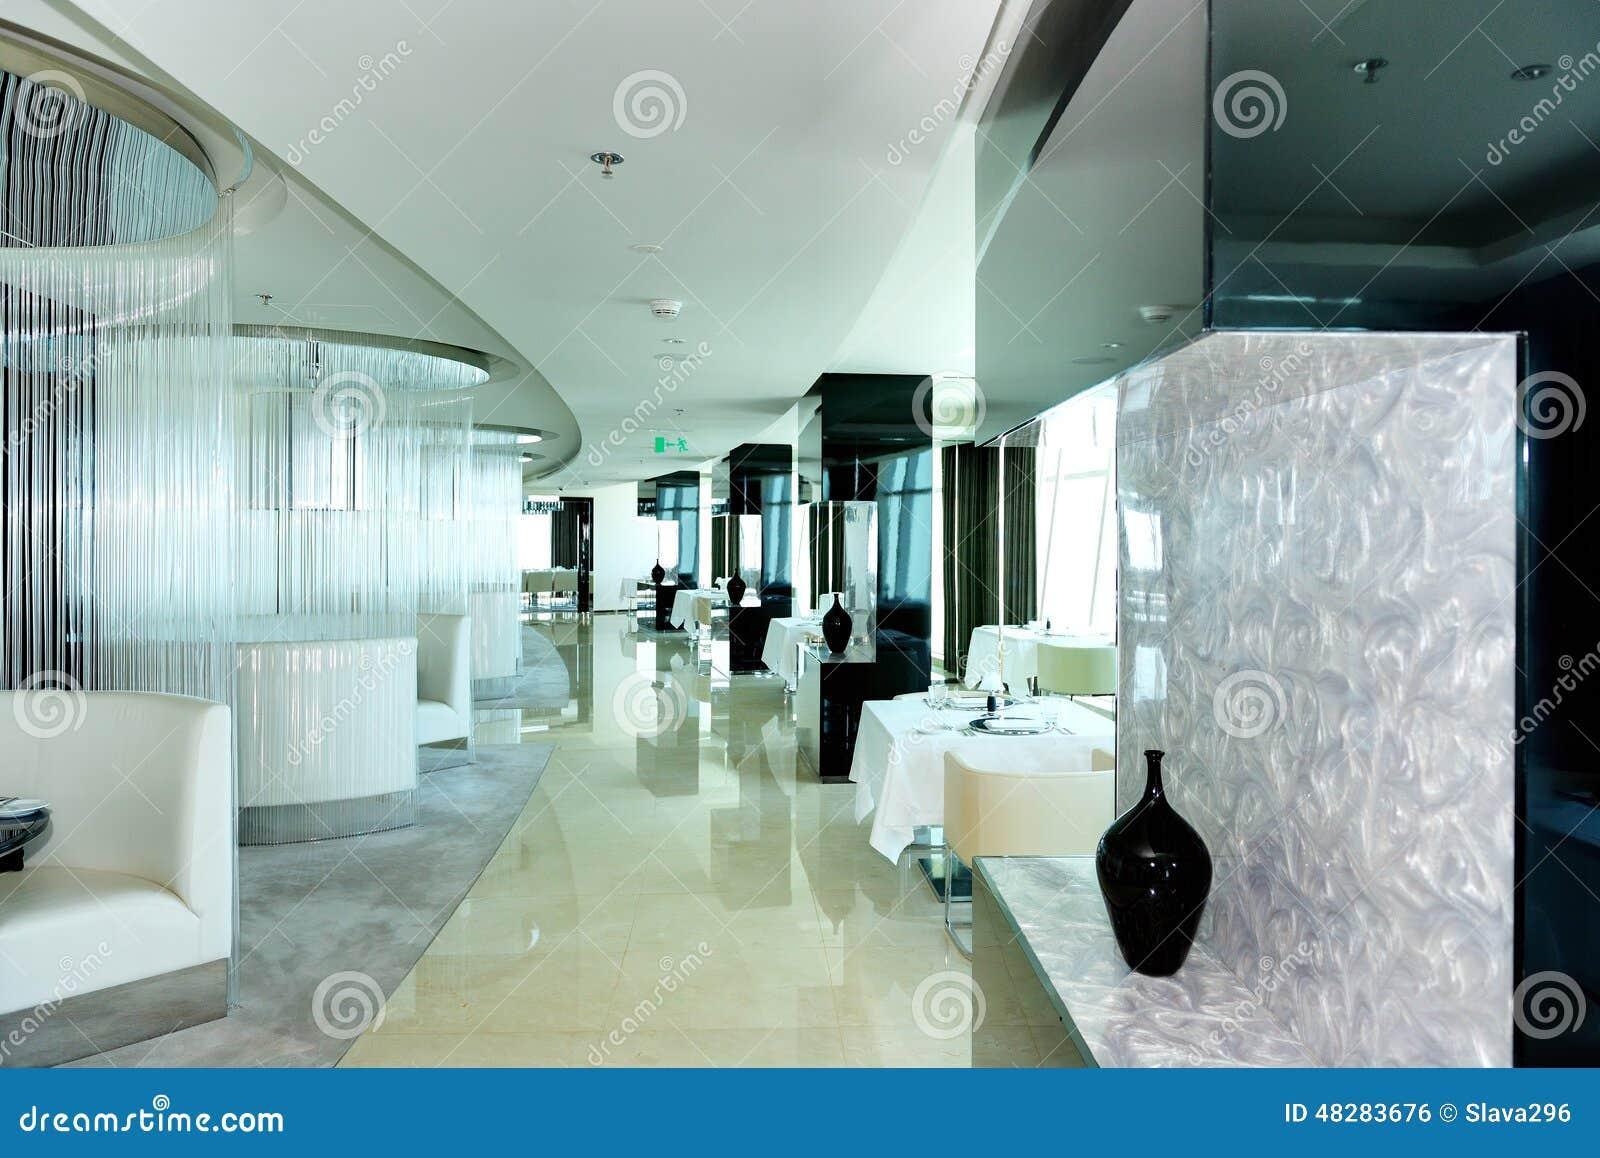 L 39 int rieur du restaurant de l 39 h tel de luxe moderne photo - Cuisine de luxe moderne ...